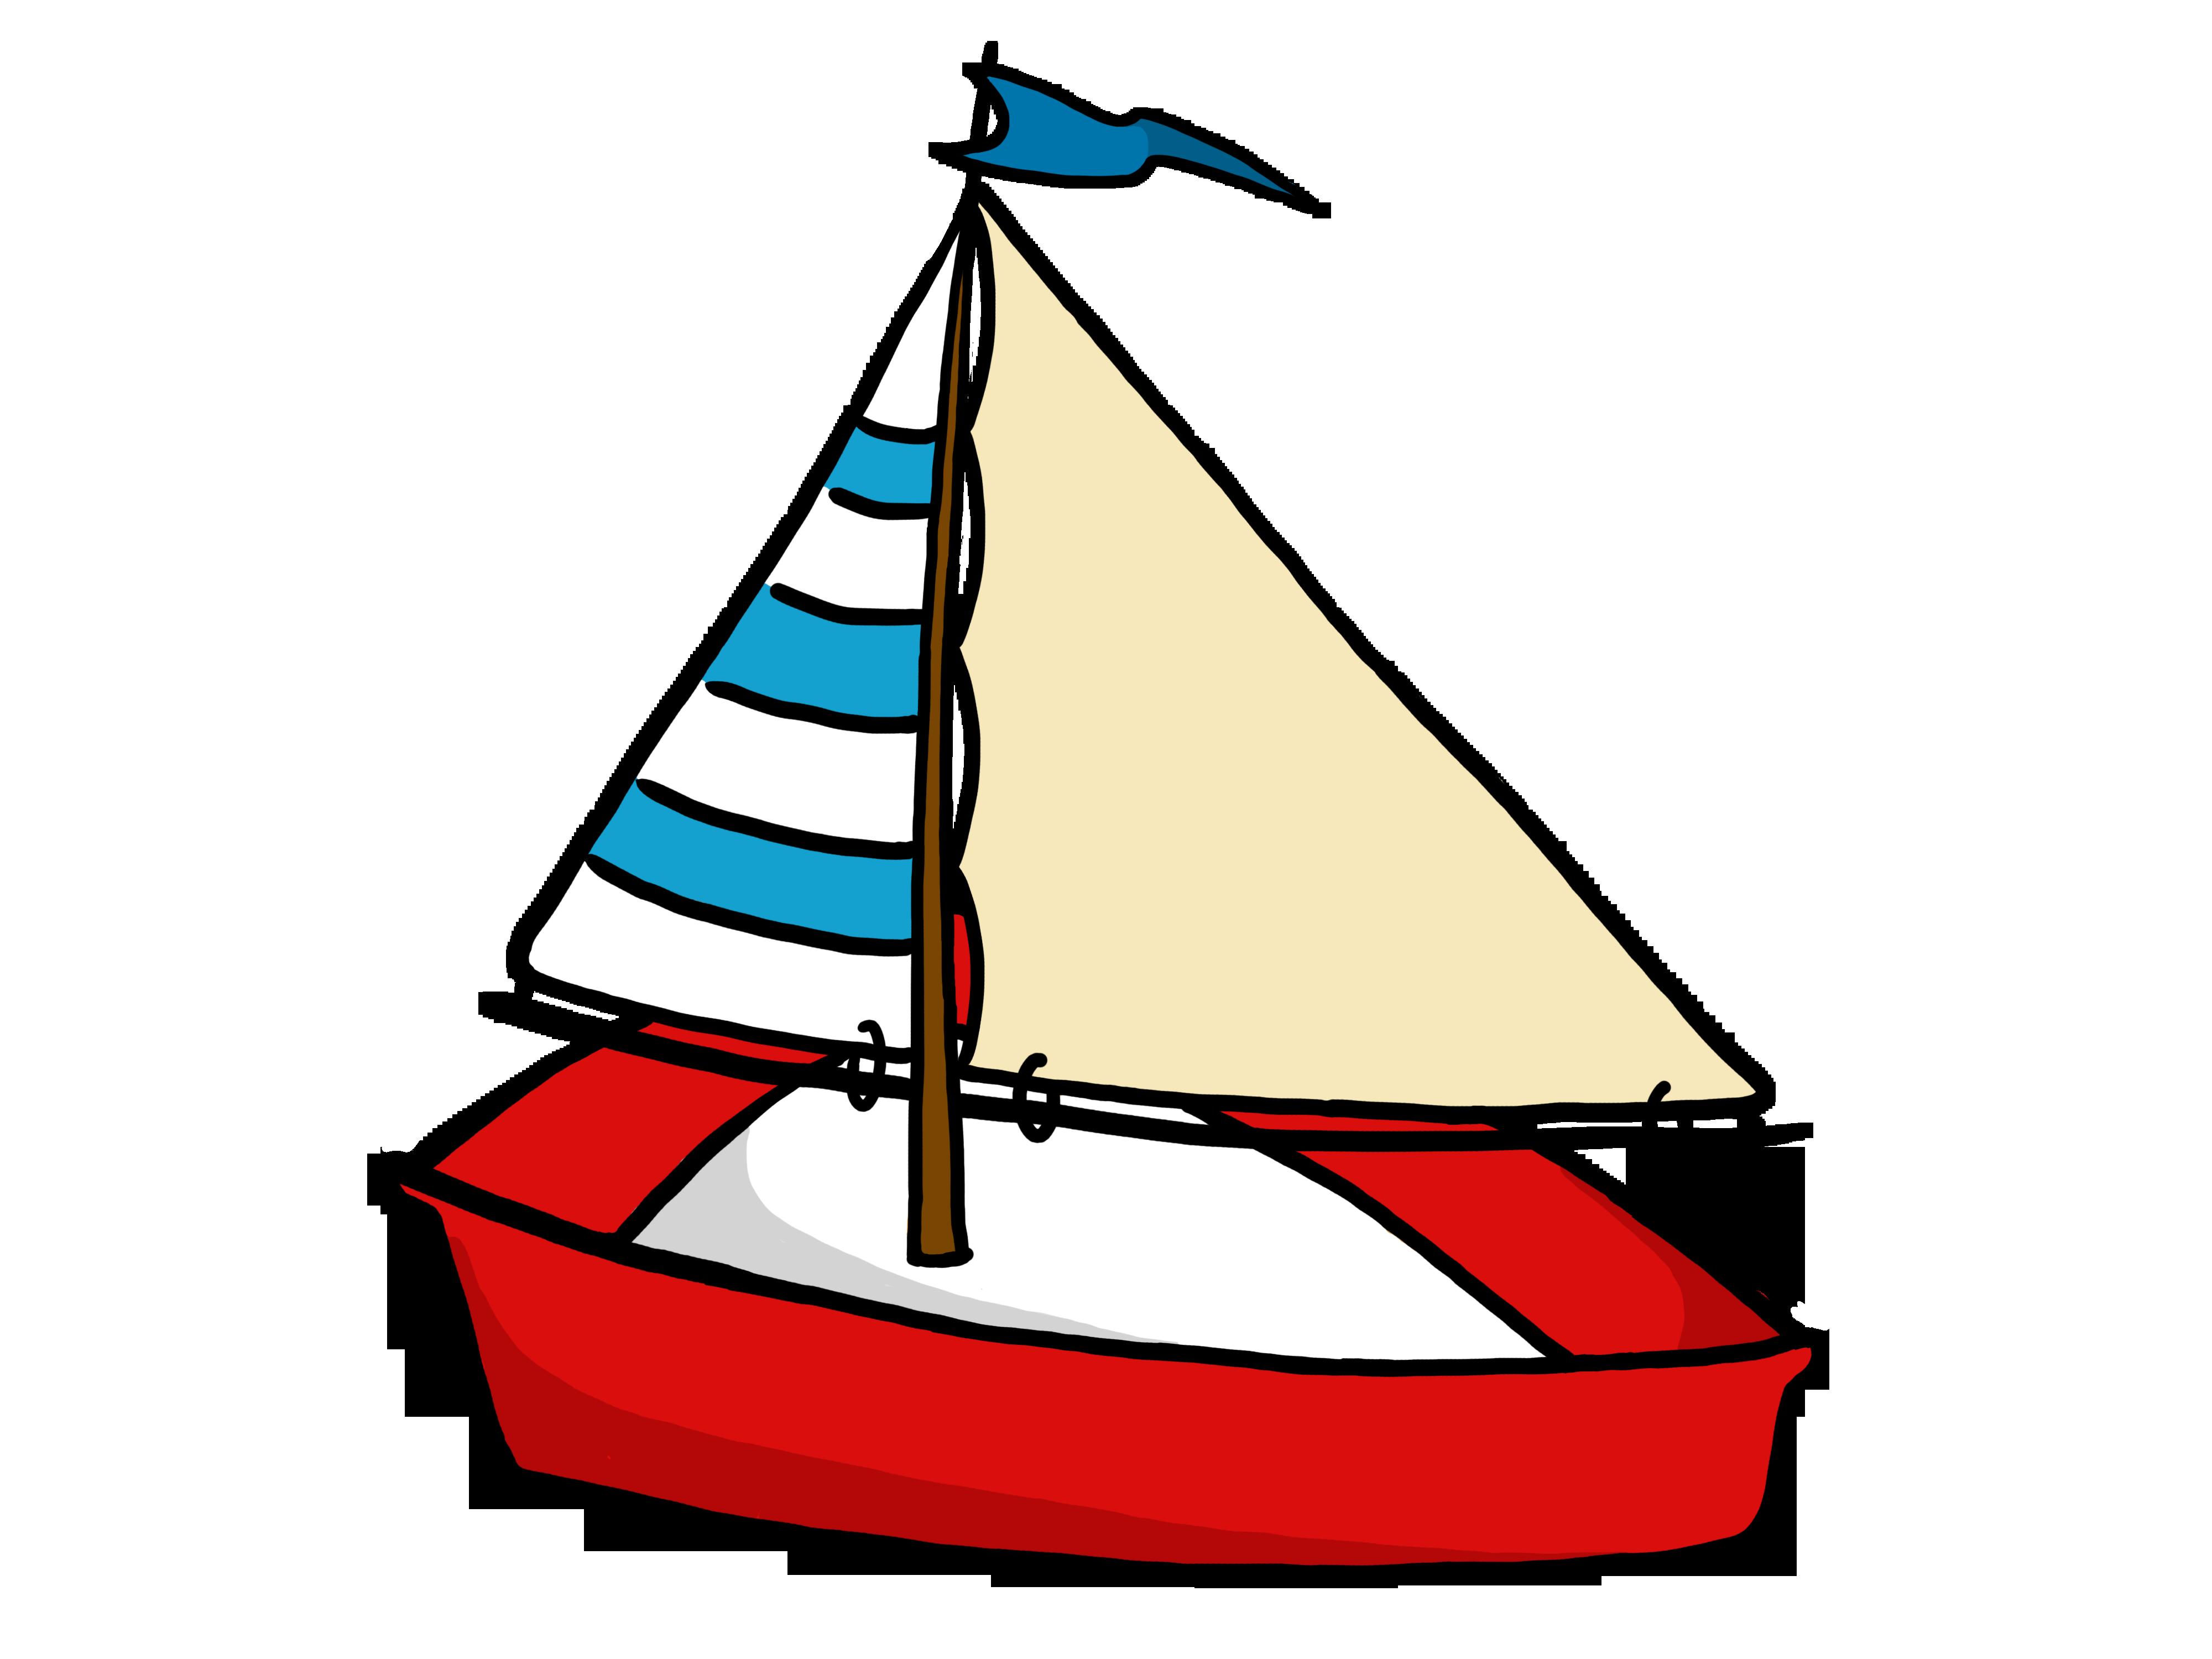 Boat clipart images clip art download Clip art boat png 3 - ClipartPost clip art download